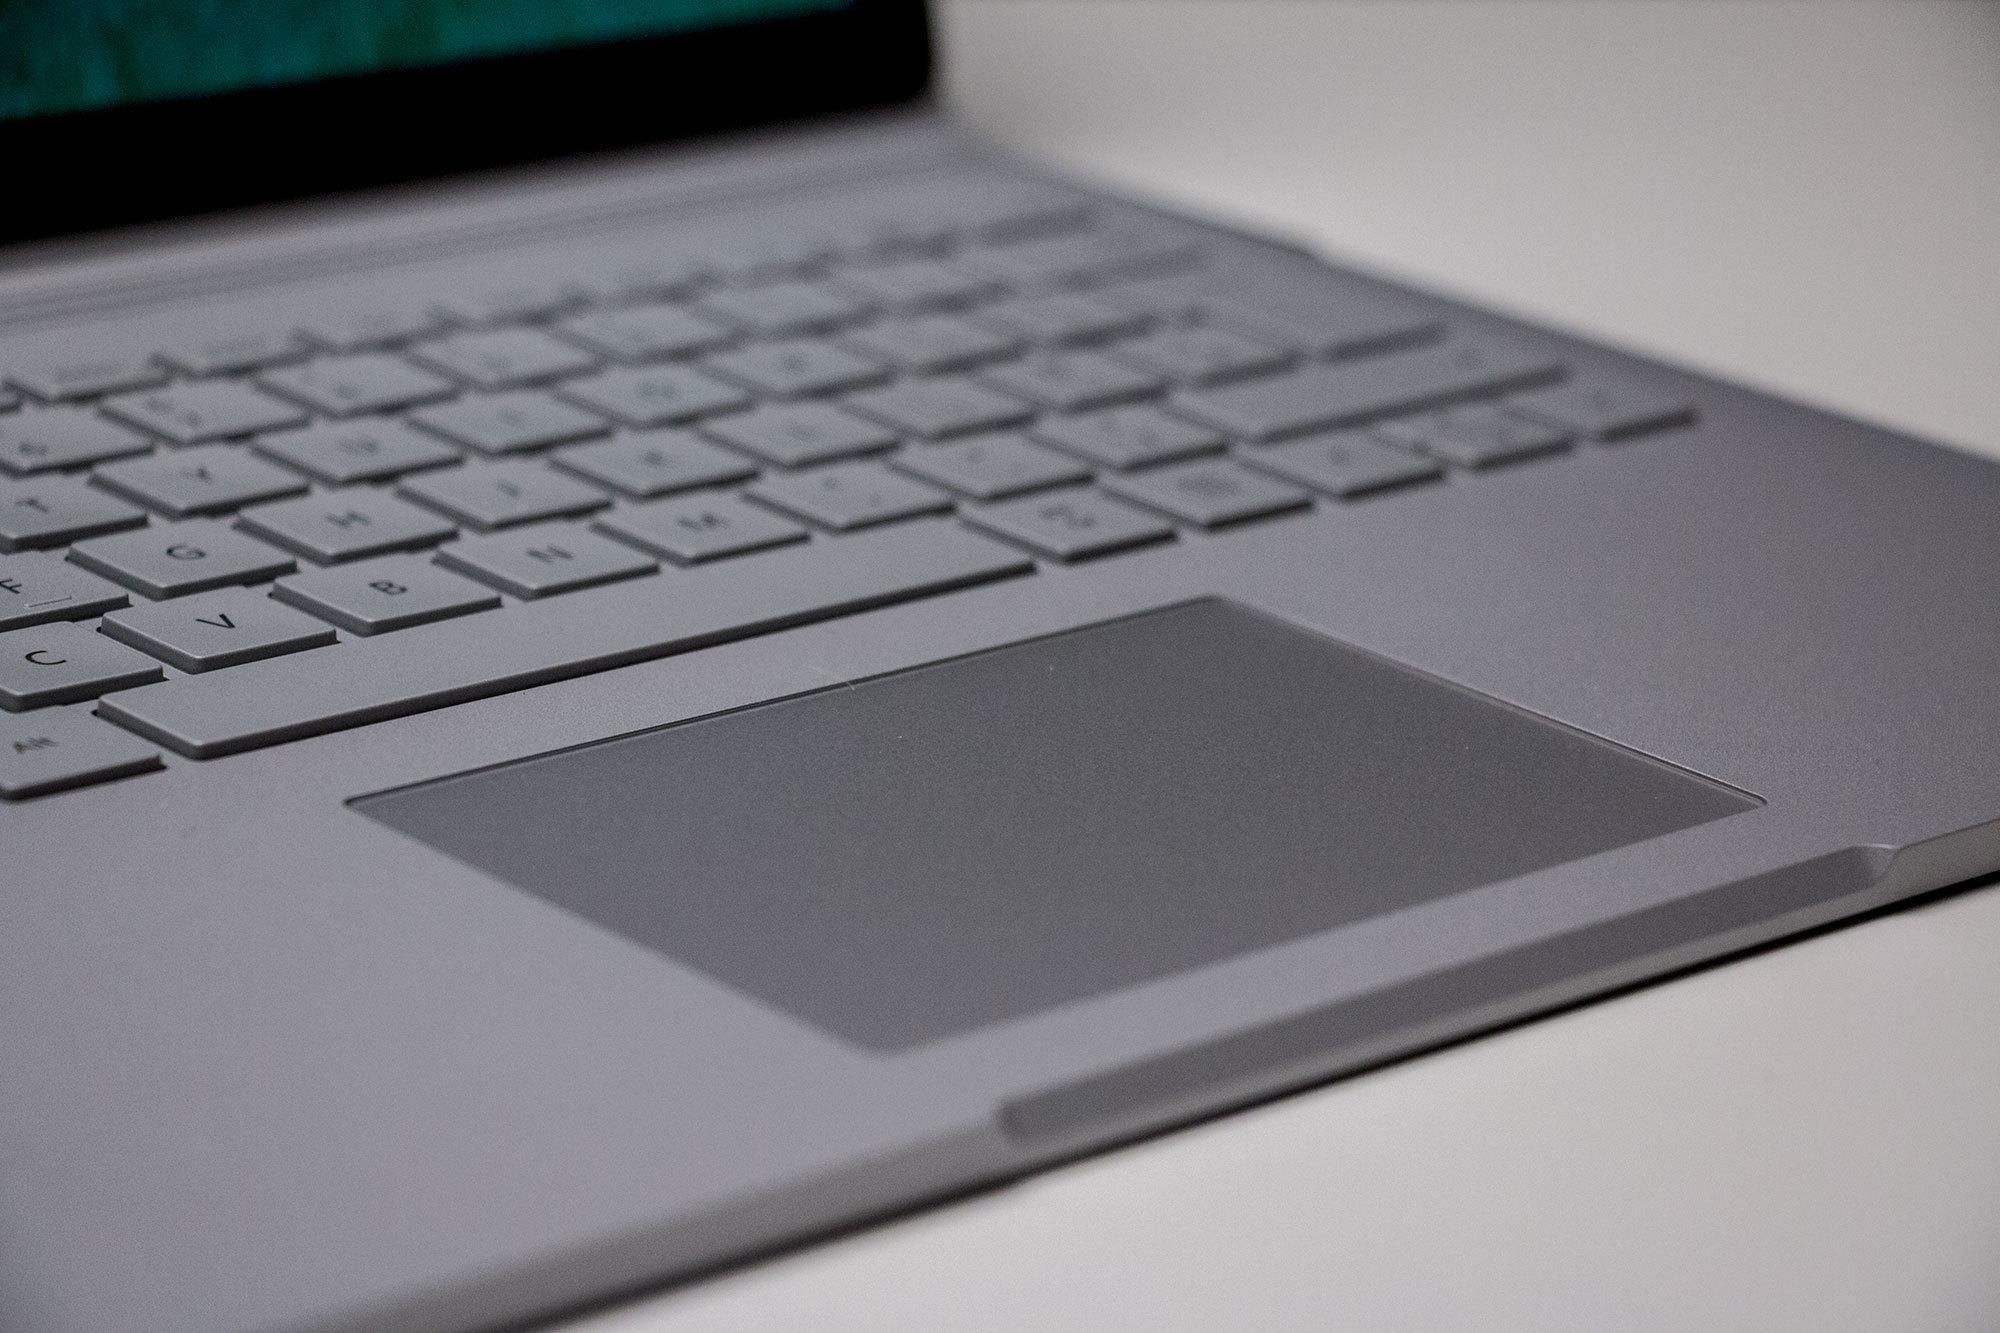 Pekeplaten er stor, presis og blant de bedre for Windows-PC-er.